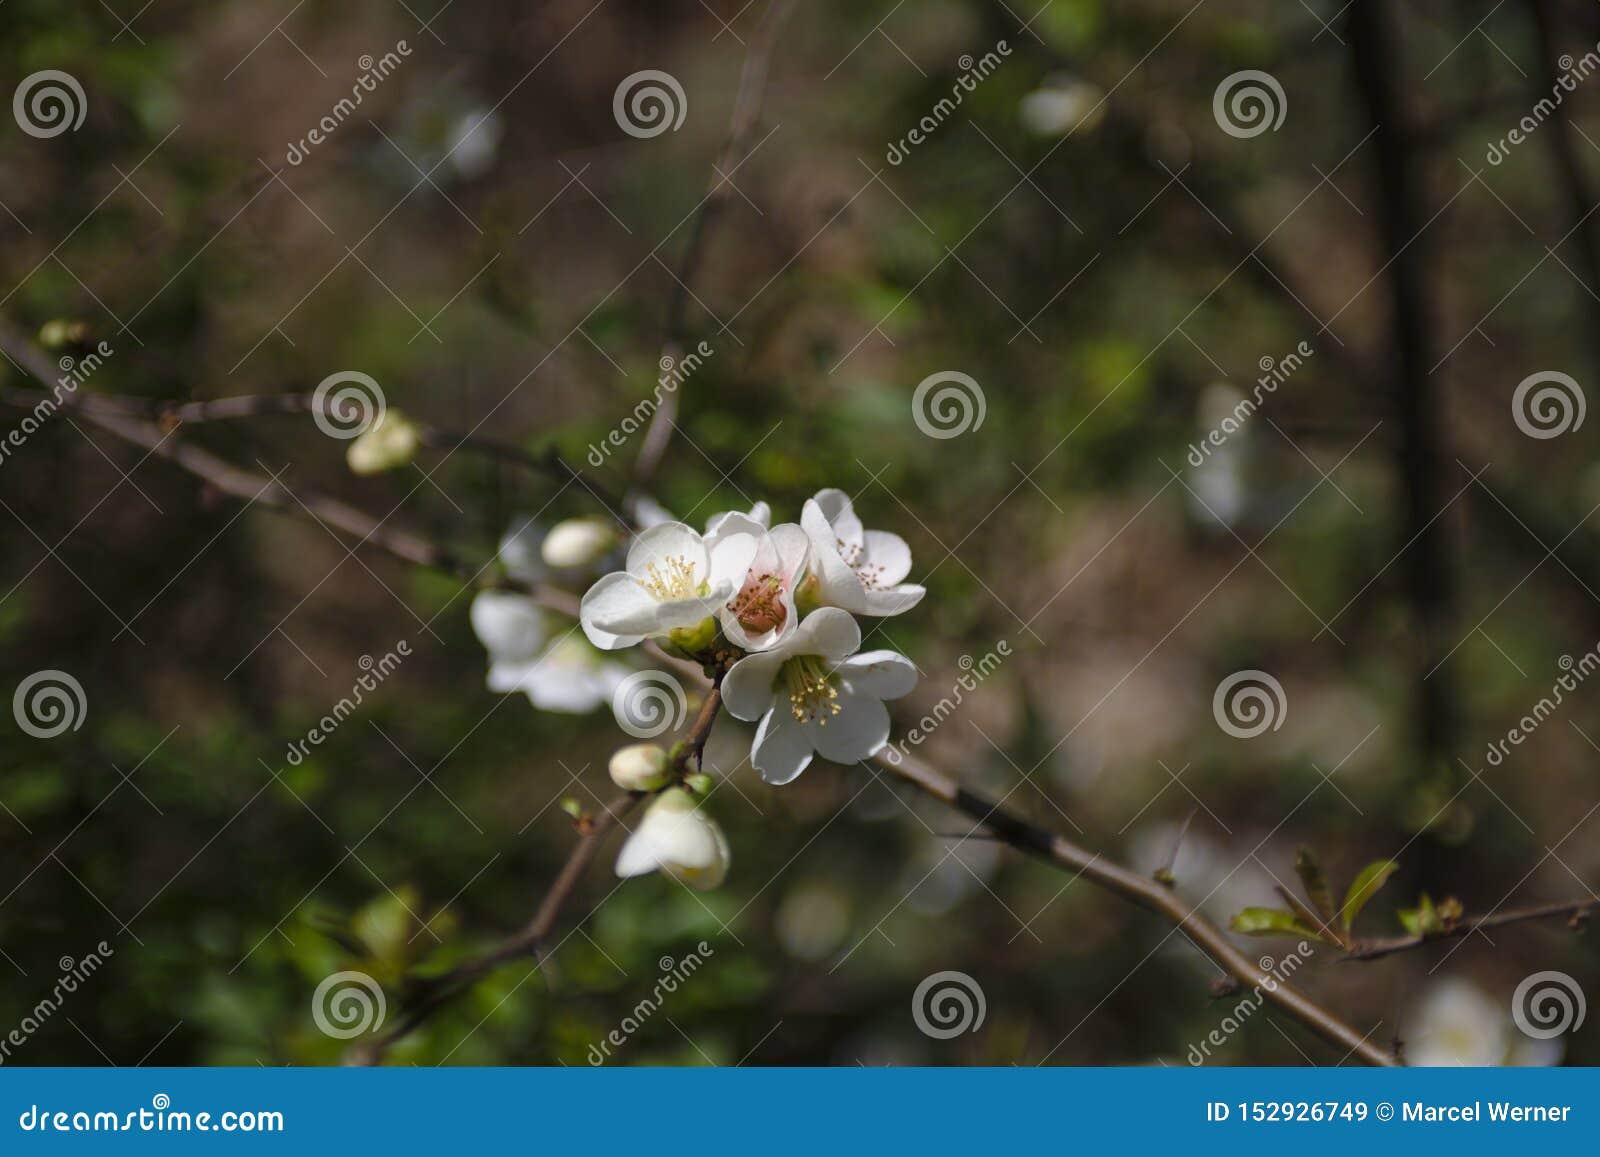 Ένα άγριο κεράσι ανθίζει δέντρο την άνοιξη